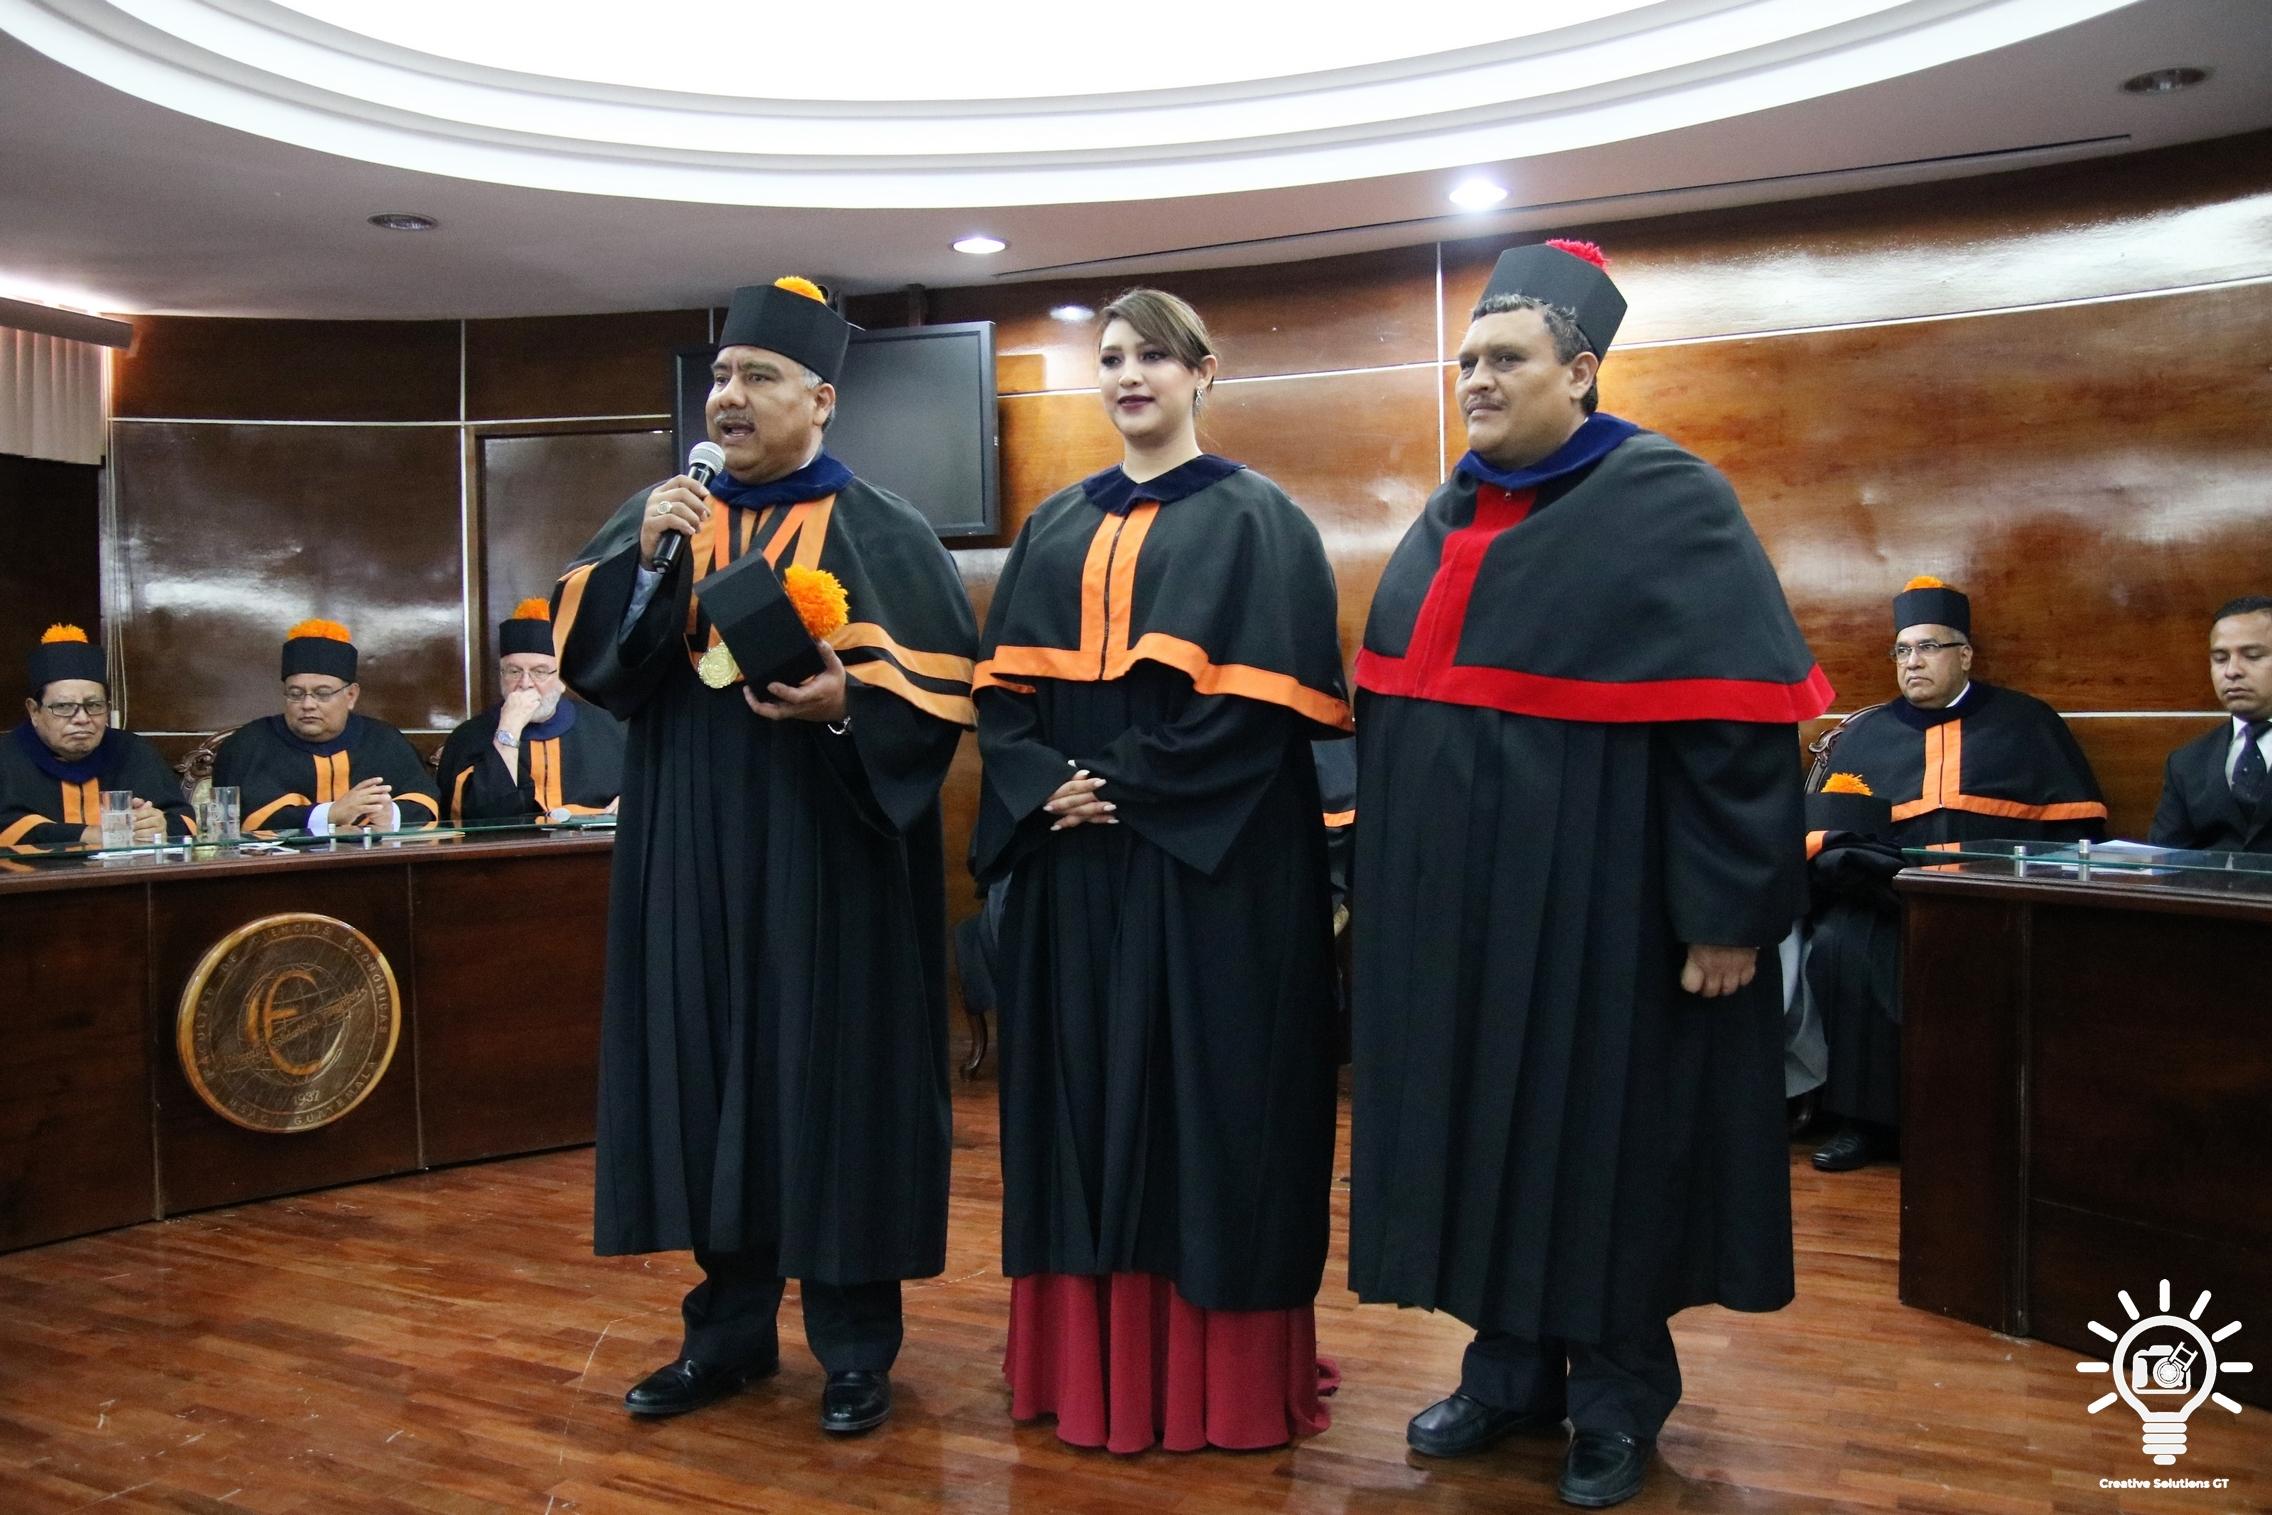 fotografia para graduaciones (1)